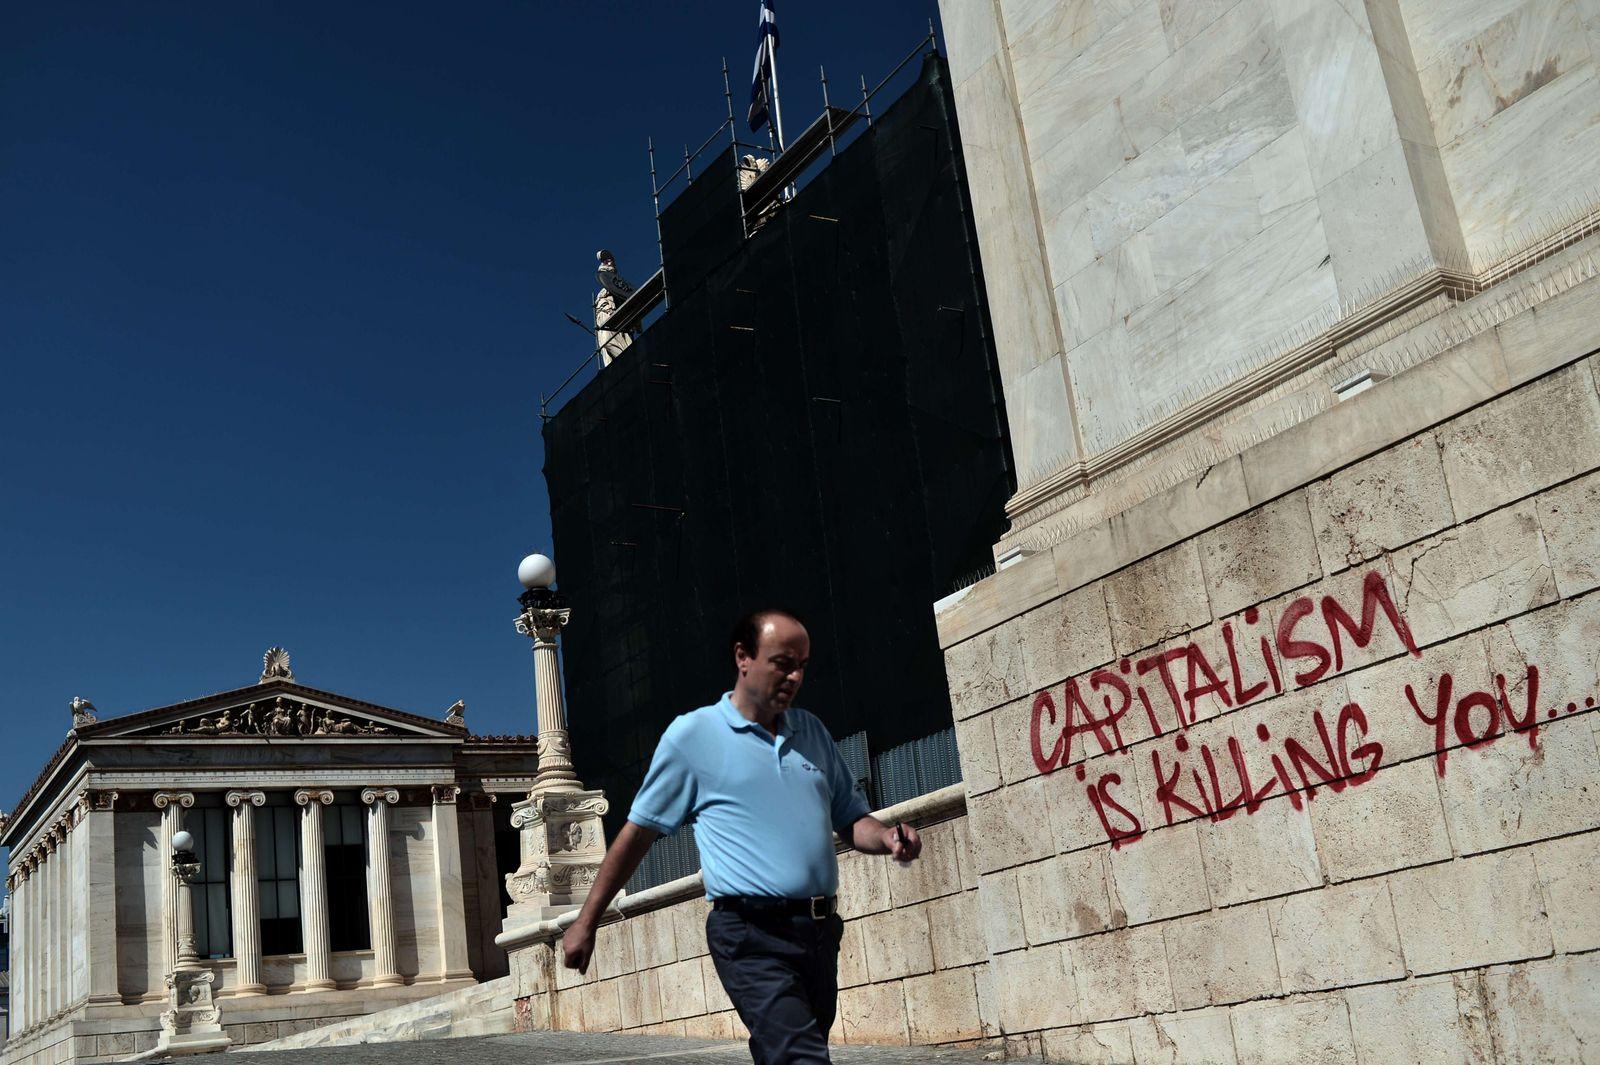 Protest-Graffito in Athen